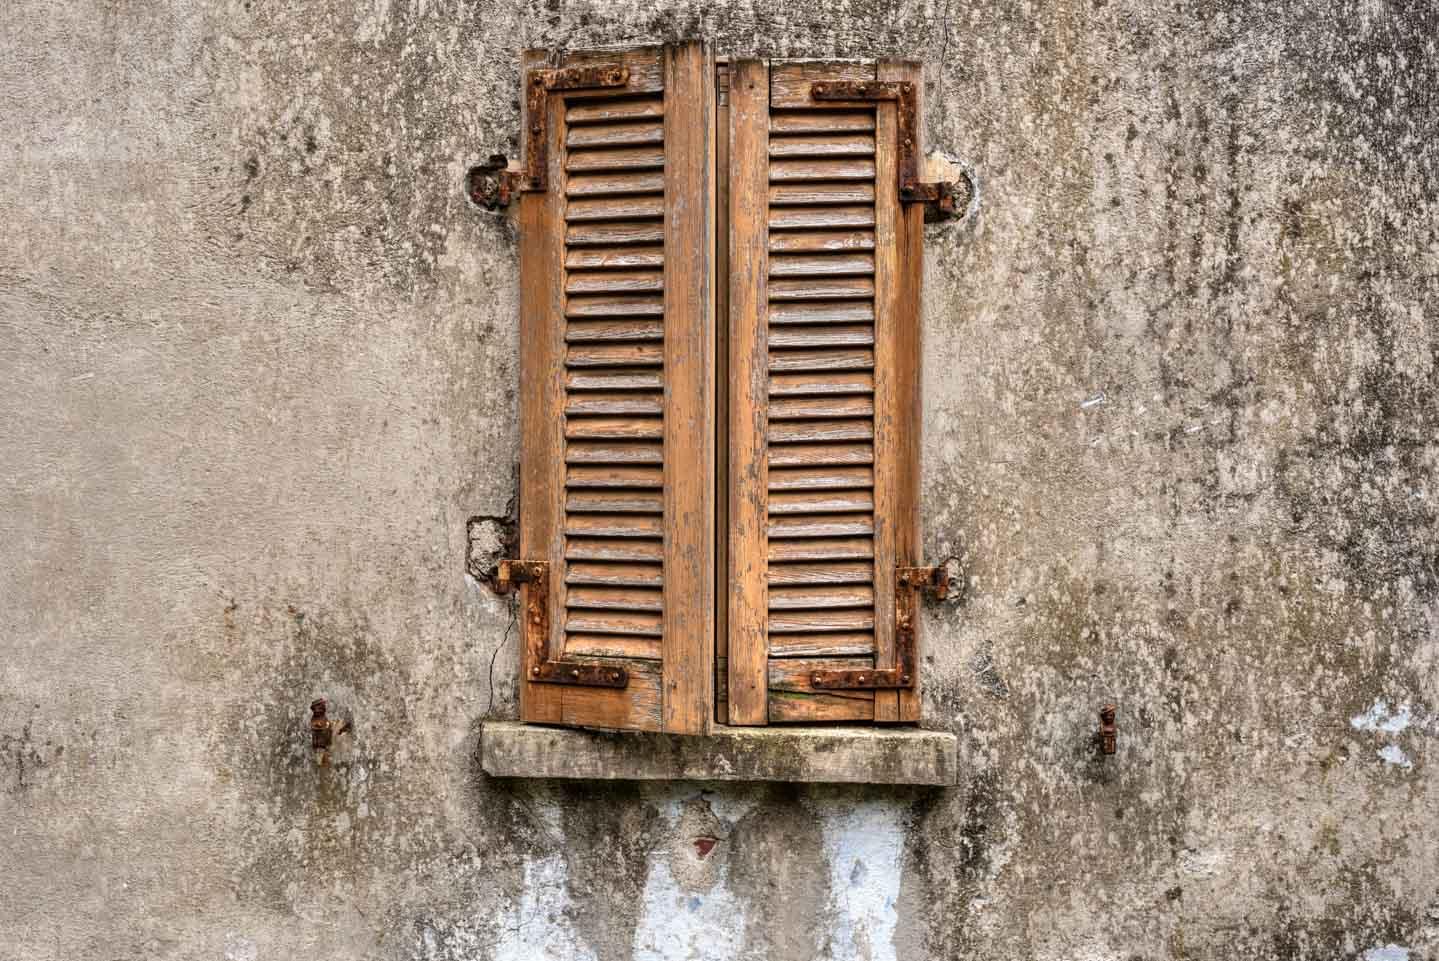 Mittlere Blende - Zahn der Zeit Fassade mit Fenster